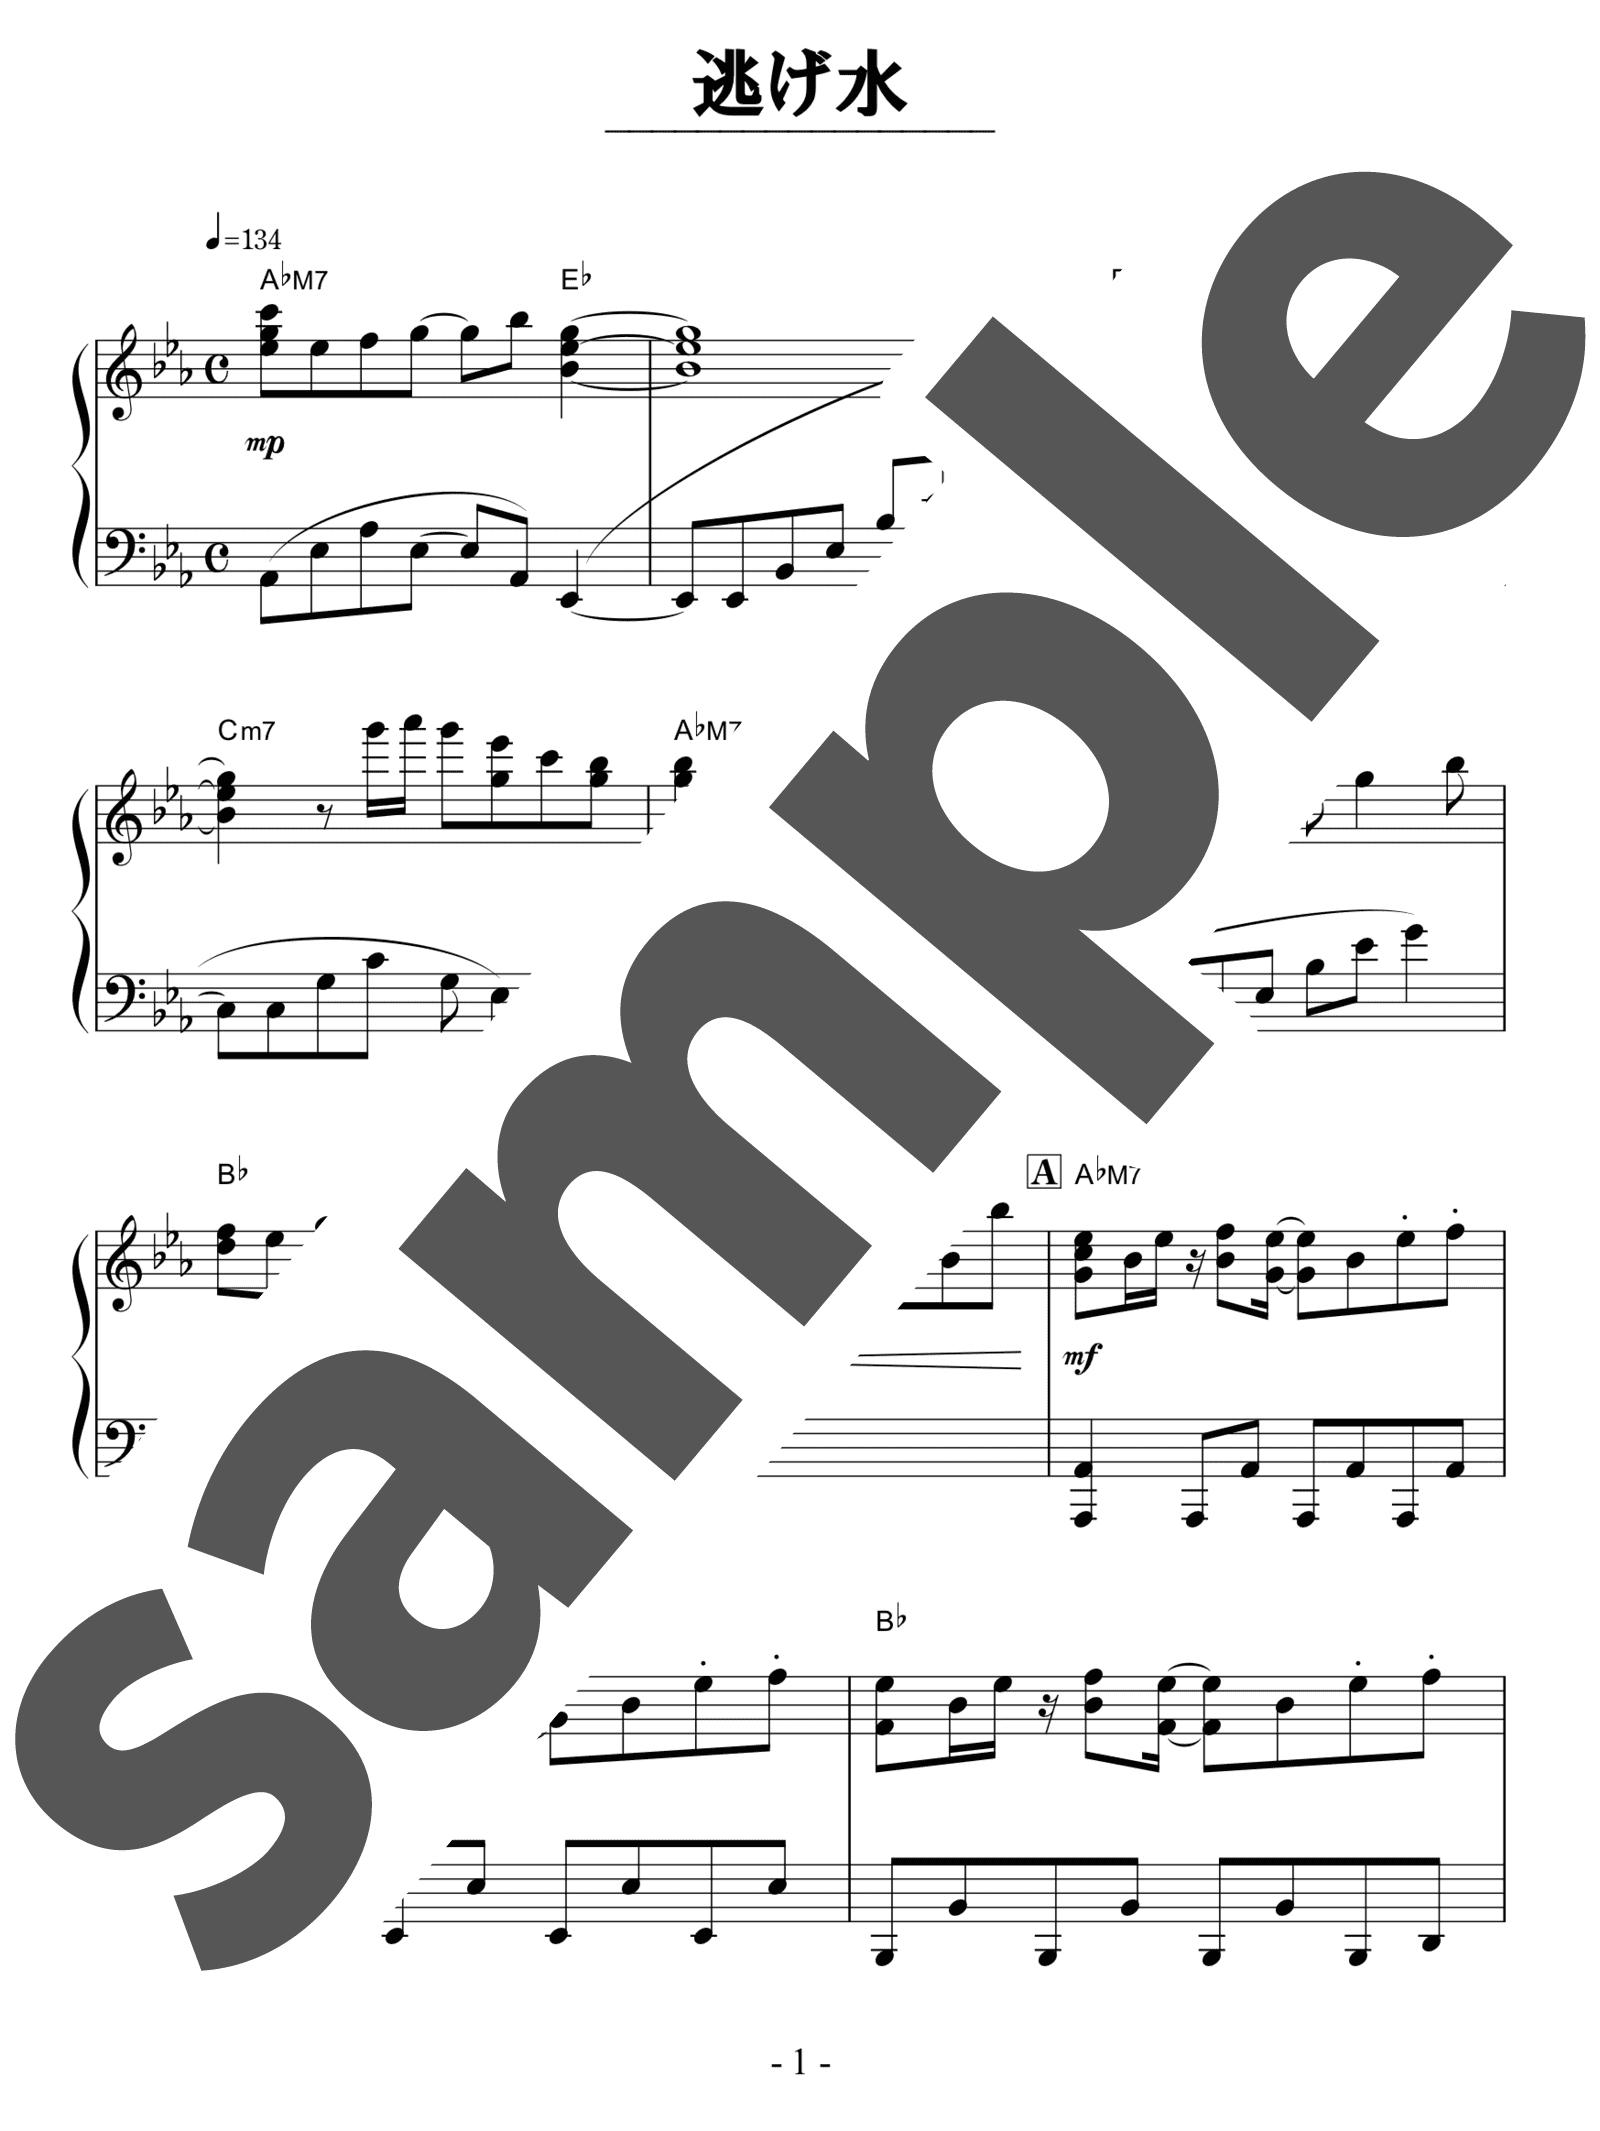 「逃げ水」のサンプル楽譜